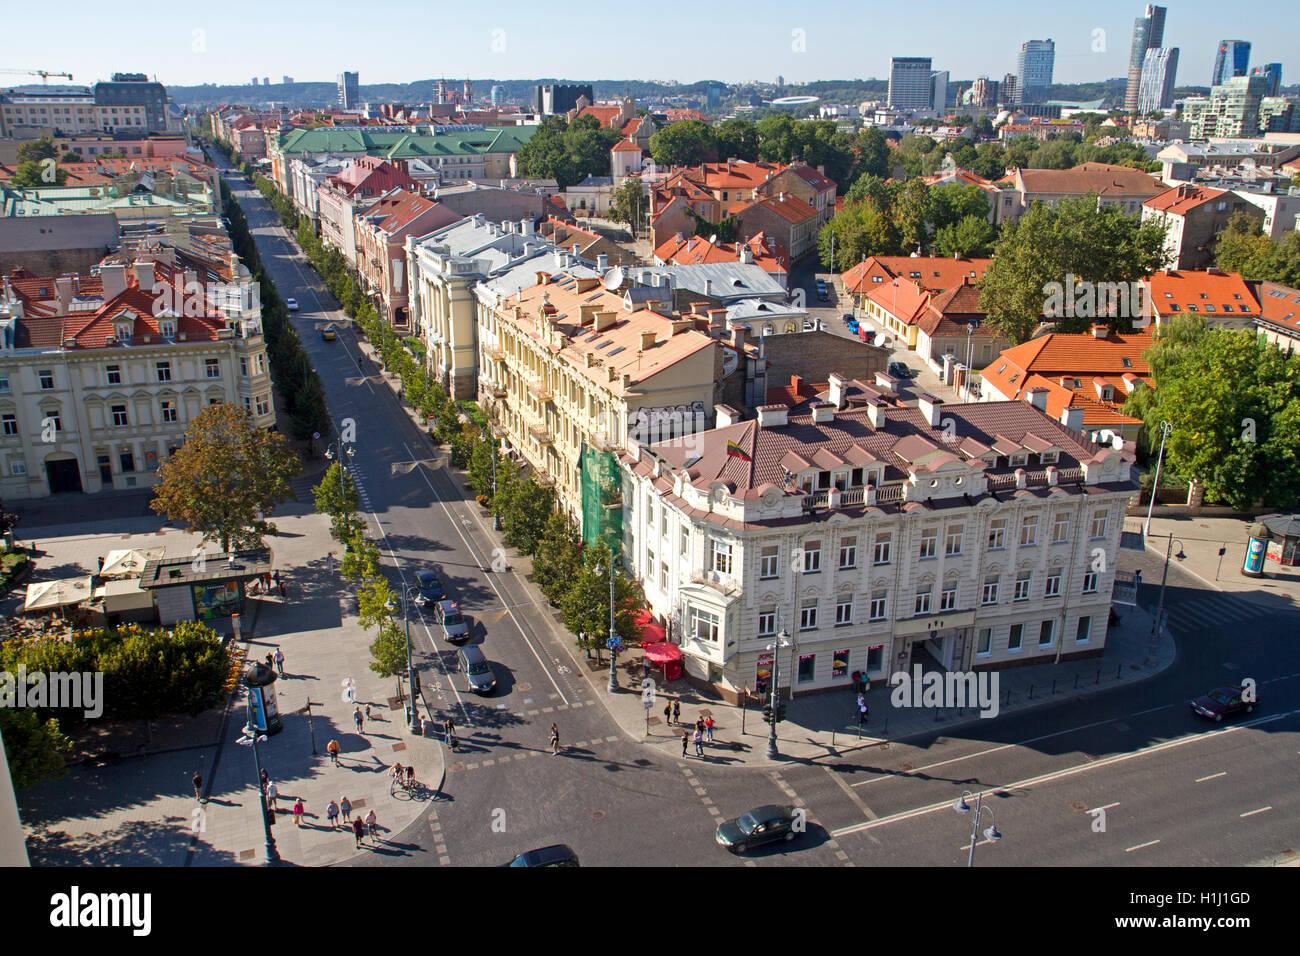 Gedimino Avenue in Vilnius - Stock Image